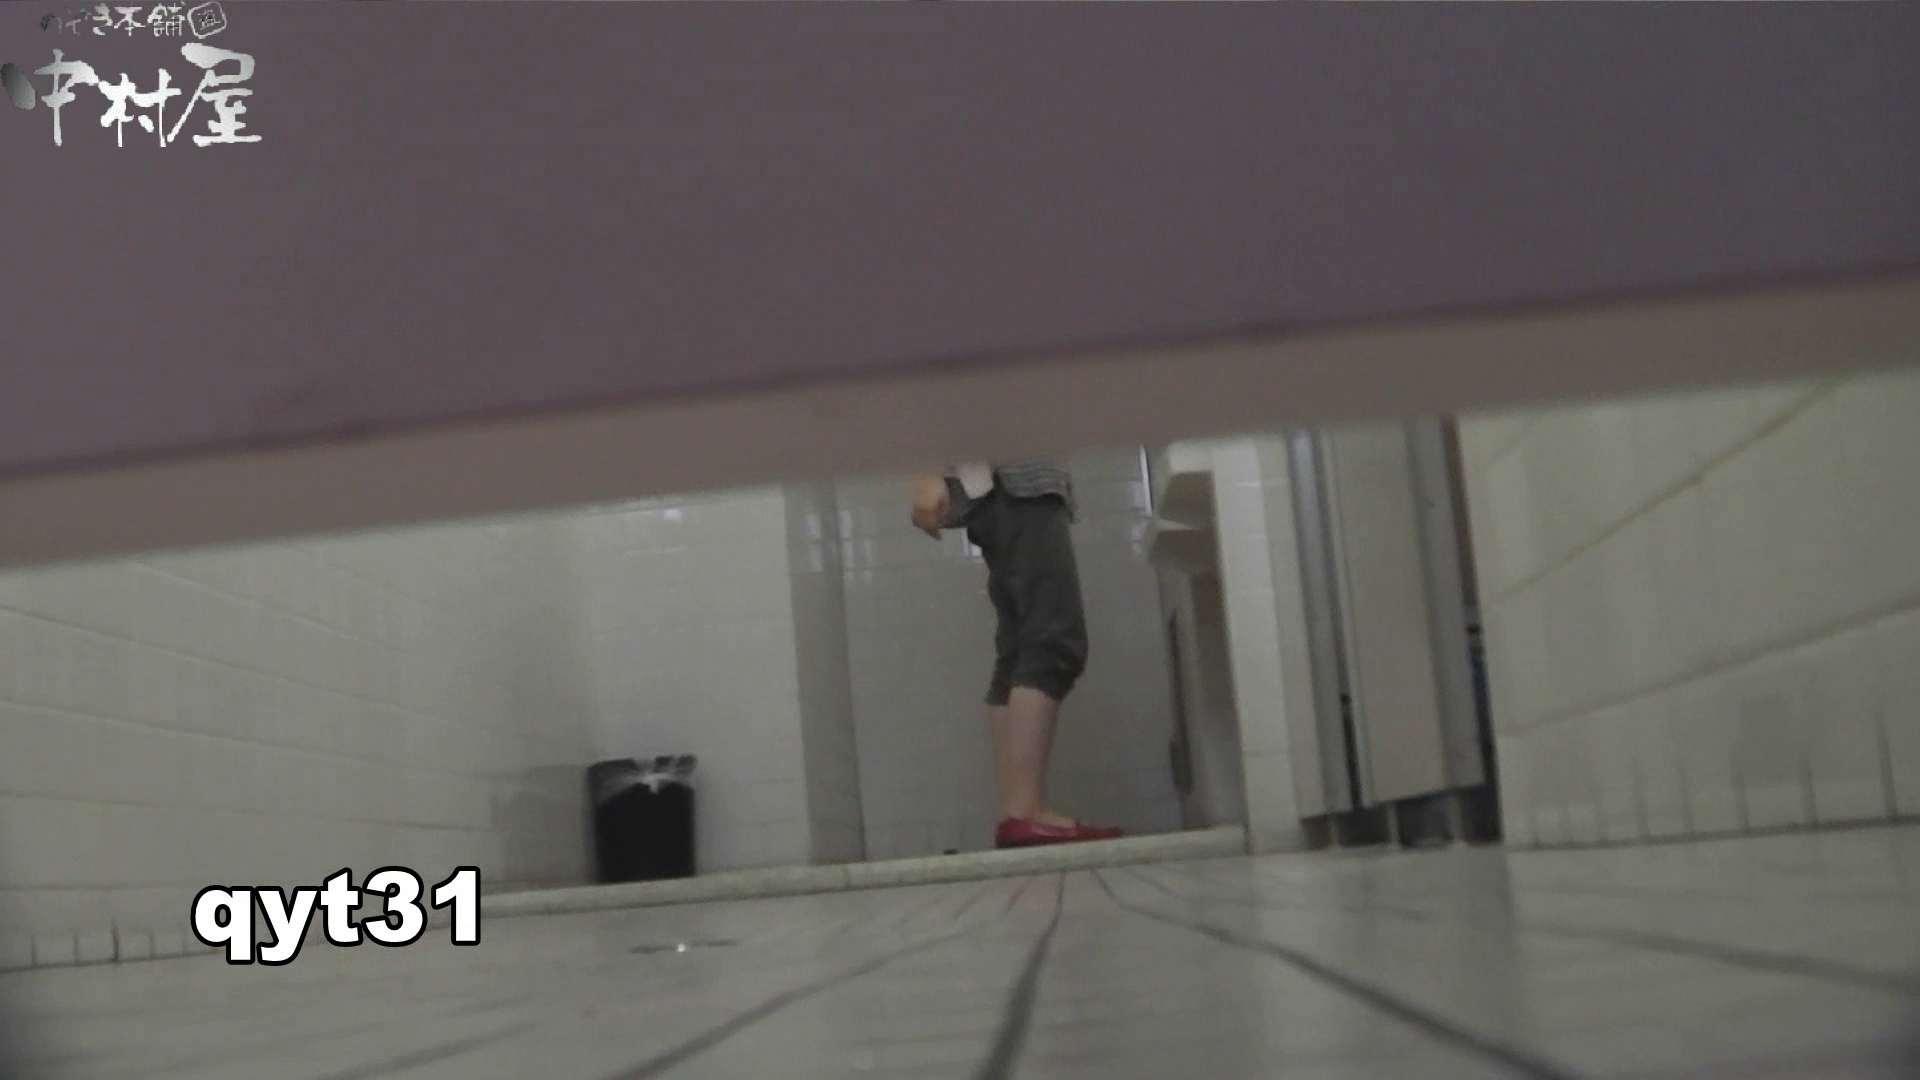 【お銀さんの「洗面所突入レポート!!」】お銀さんの「洗面所突入レポート!!」 vol.31 Σ(||゚Д゚)ヒィ~!! 洗面所  71枚 32